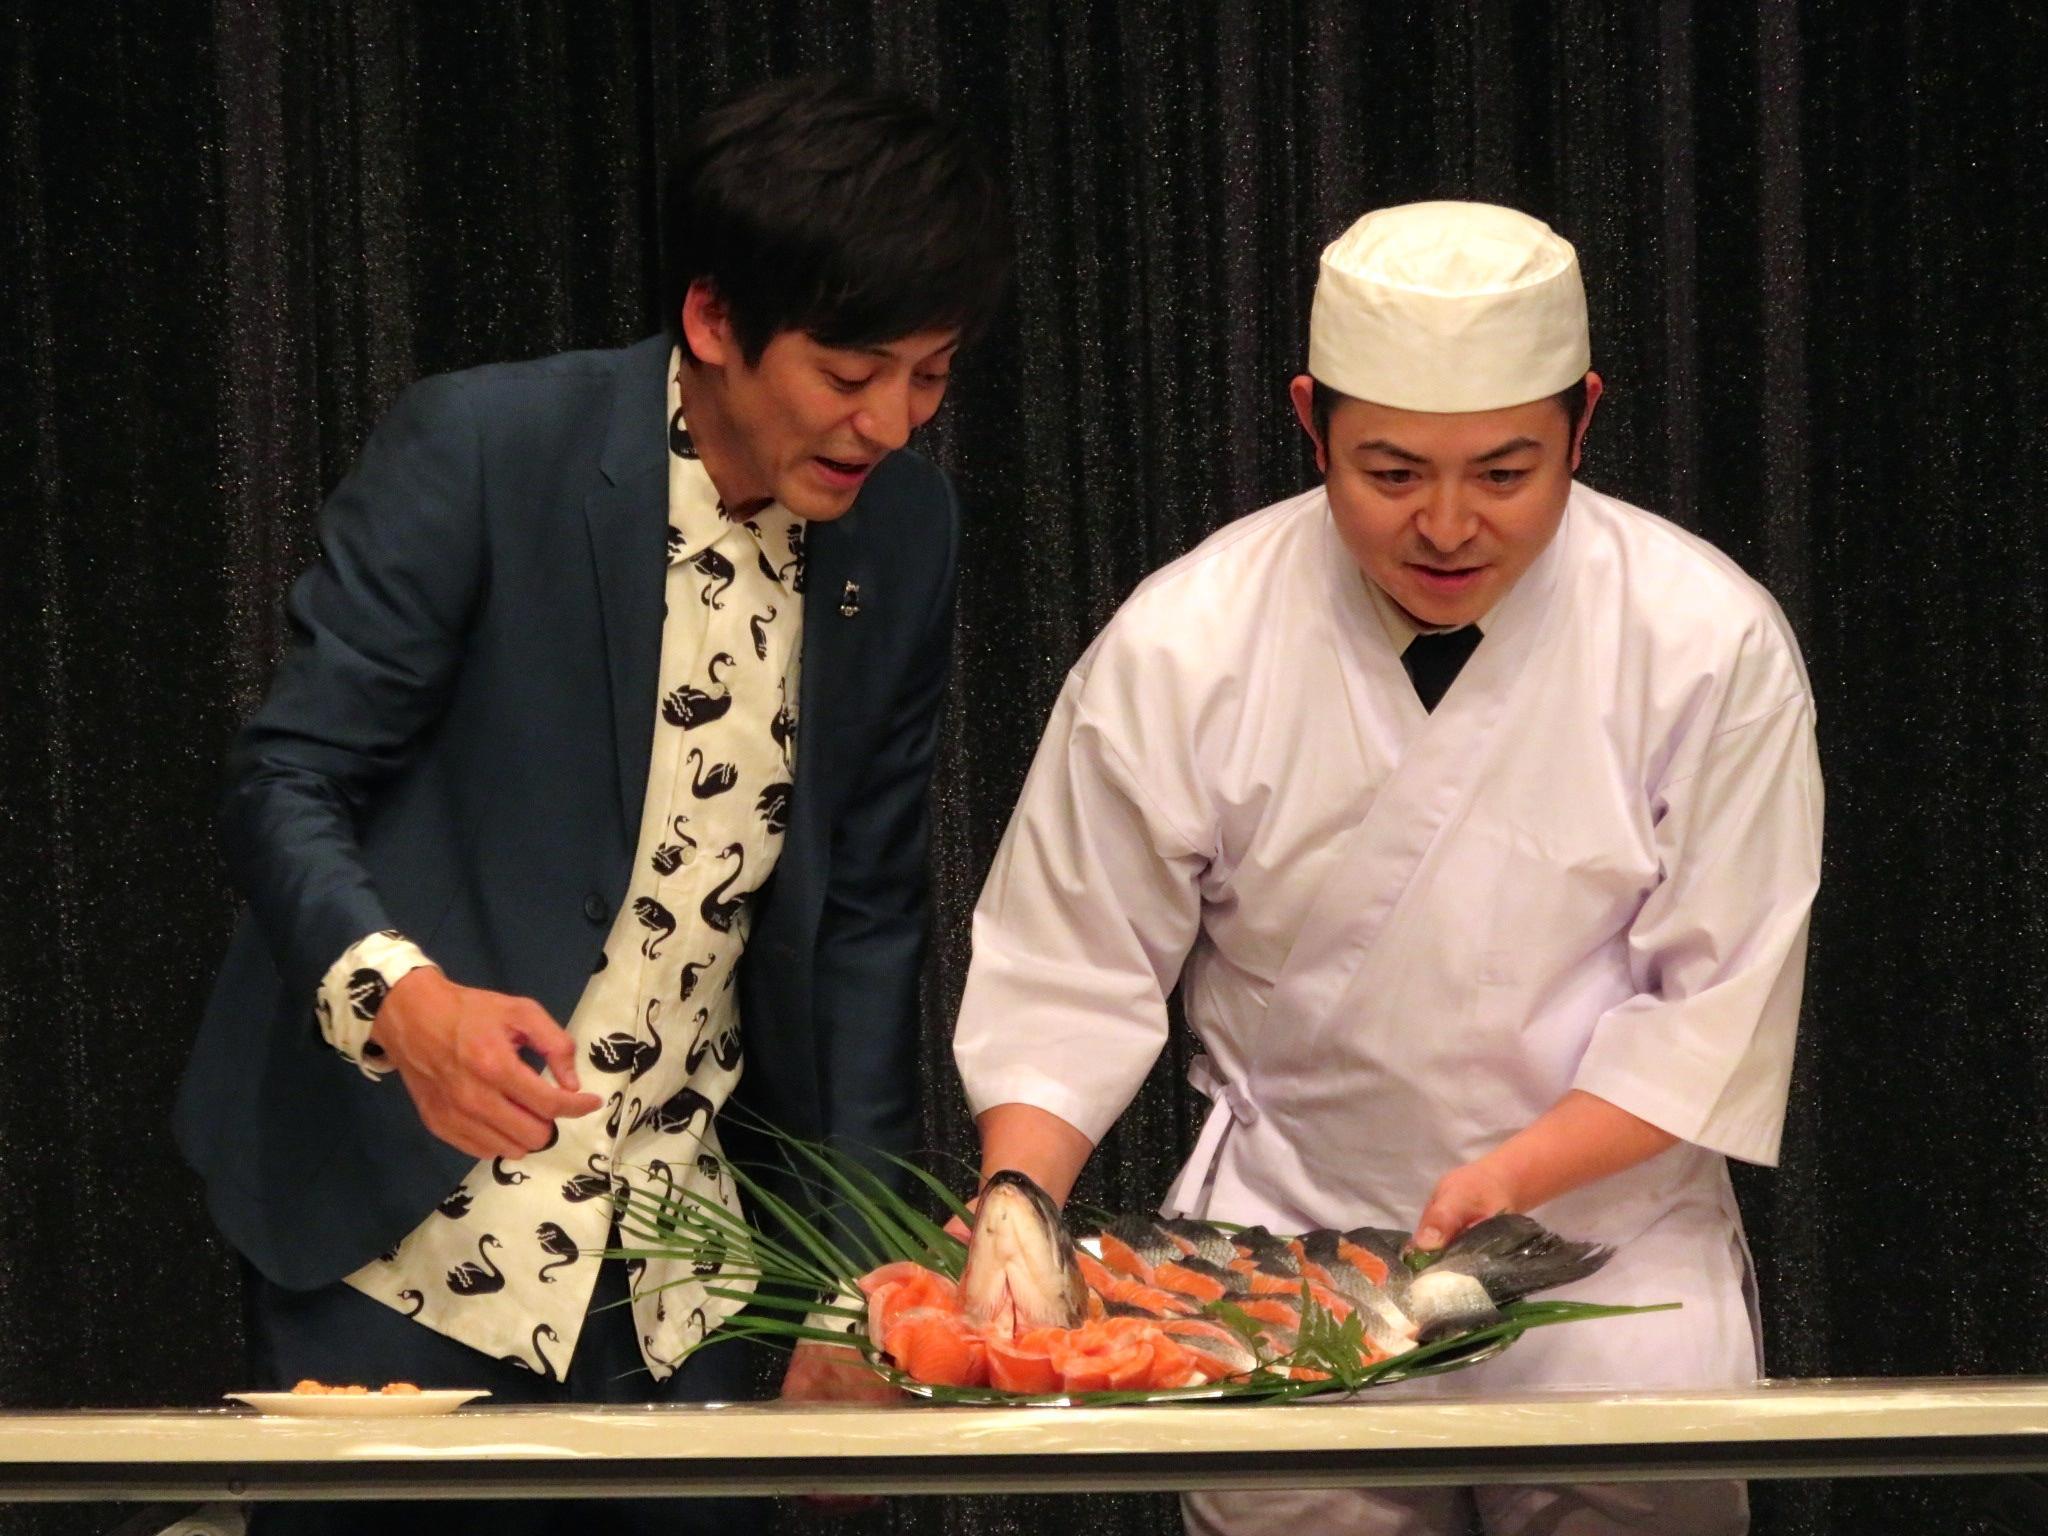 http://news.yoshimoto.co.jp/20180202195912-e6af0fbe453c8063ae633322374c171ed8032a2a.jpg